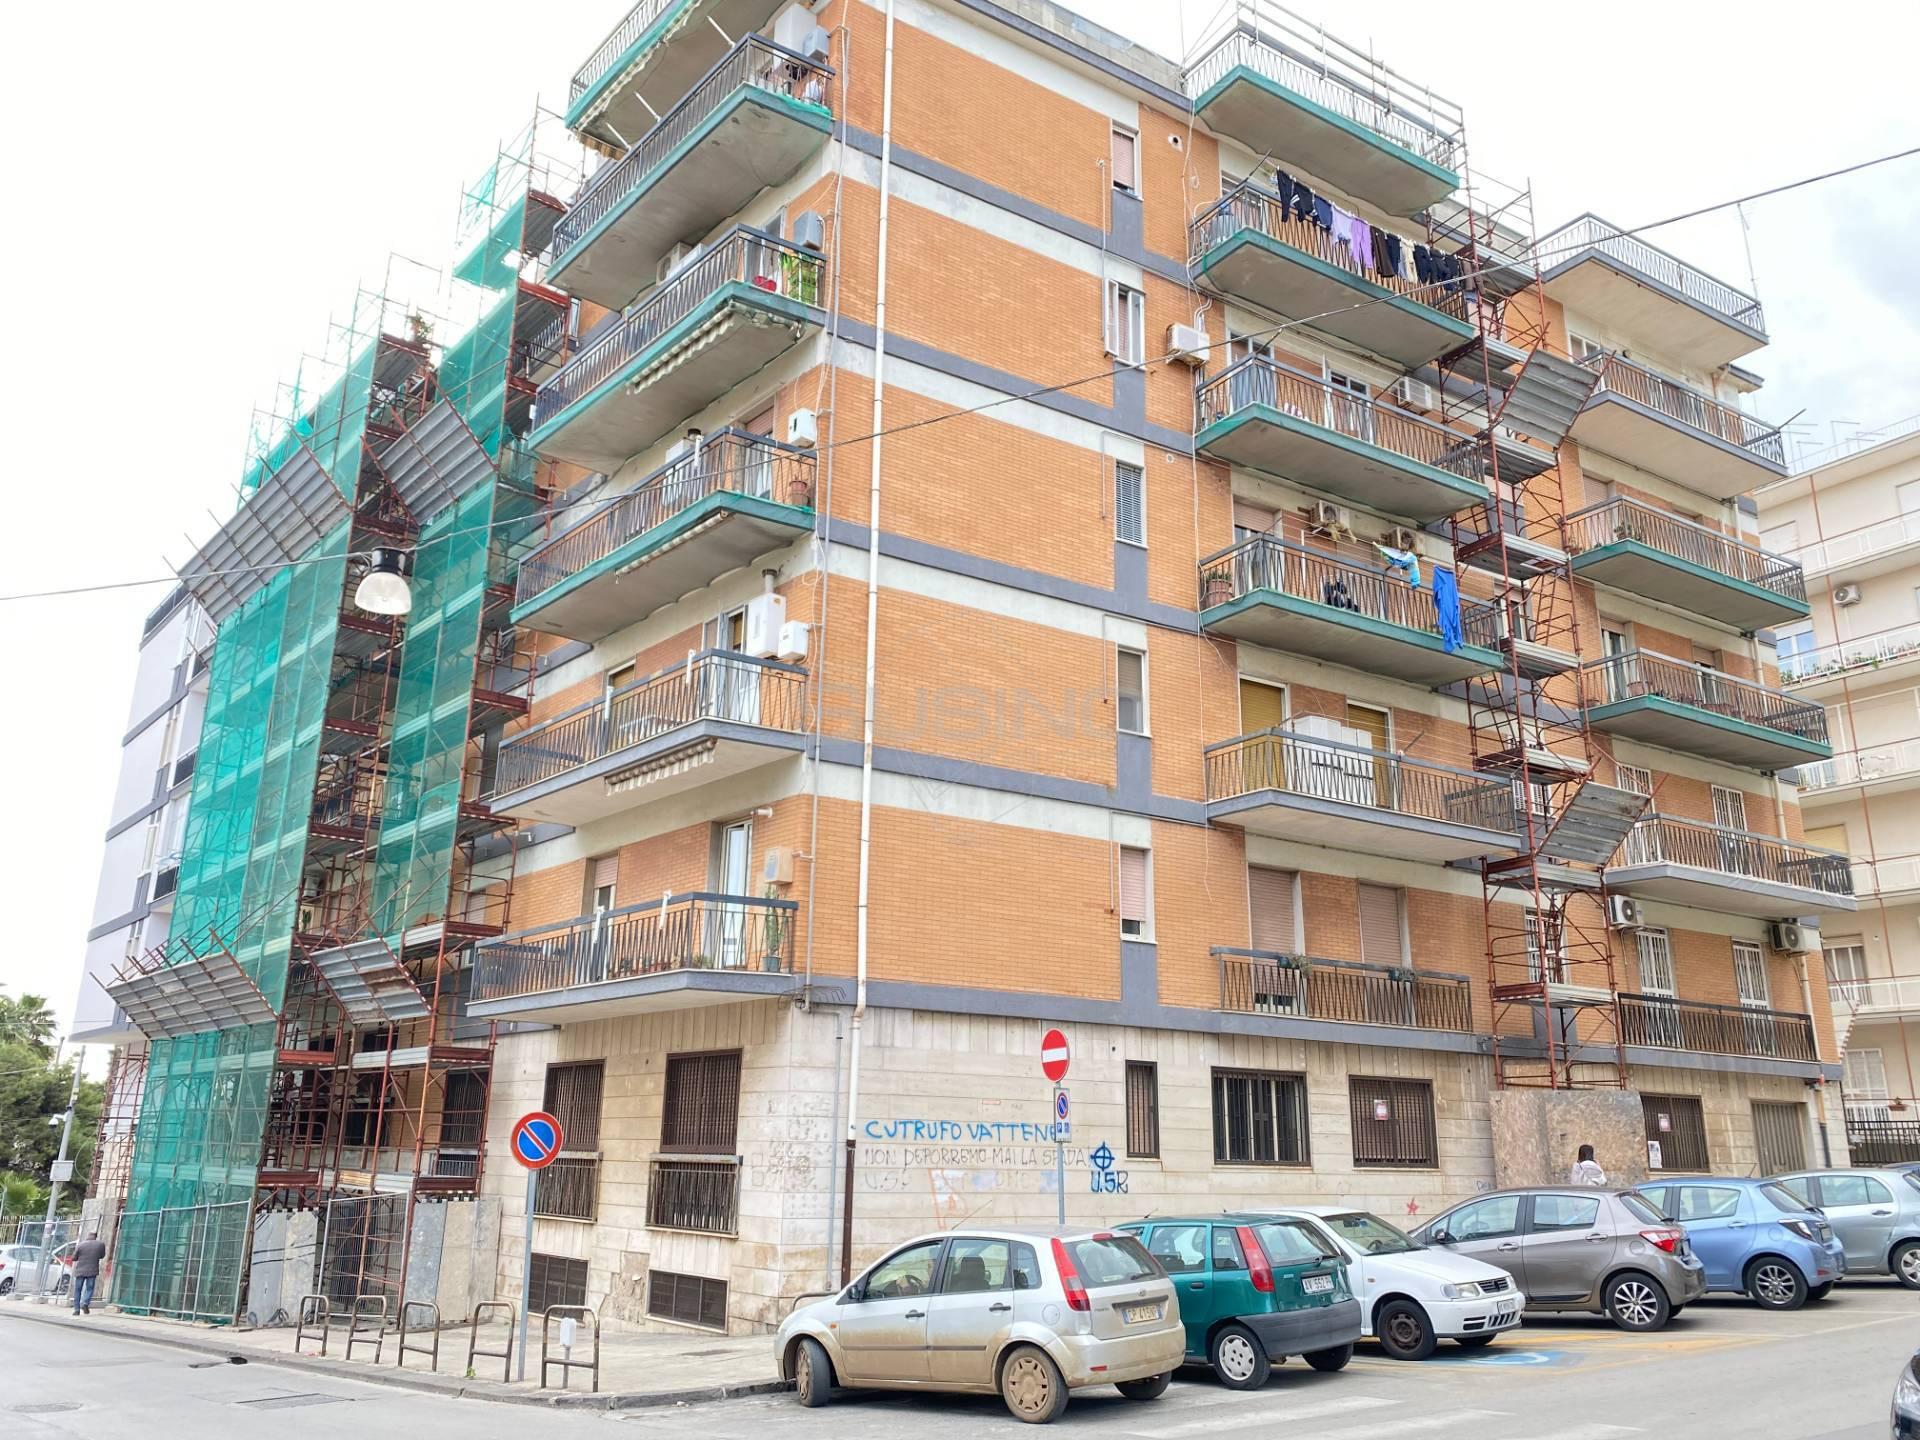 Negozio / Locale in vendita a Siracusa, 9999 locali, zona ata, prezzo € 170.000 | PortaleAgenzieImmobiliari.it